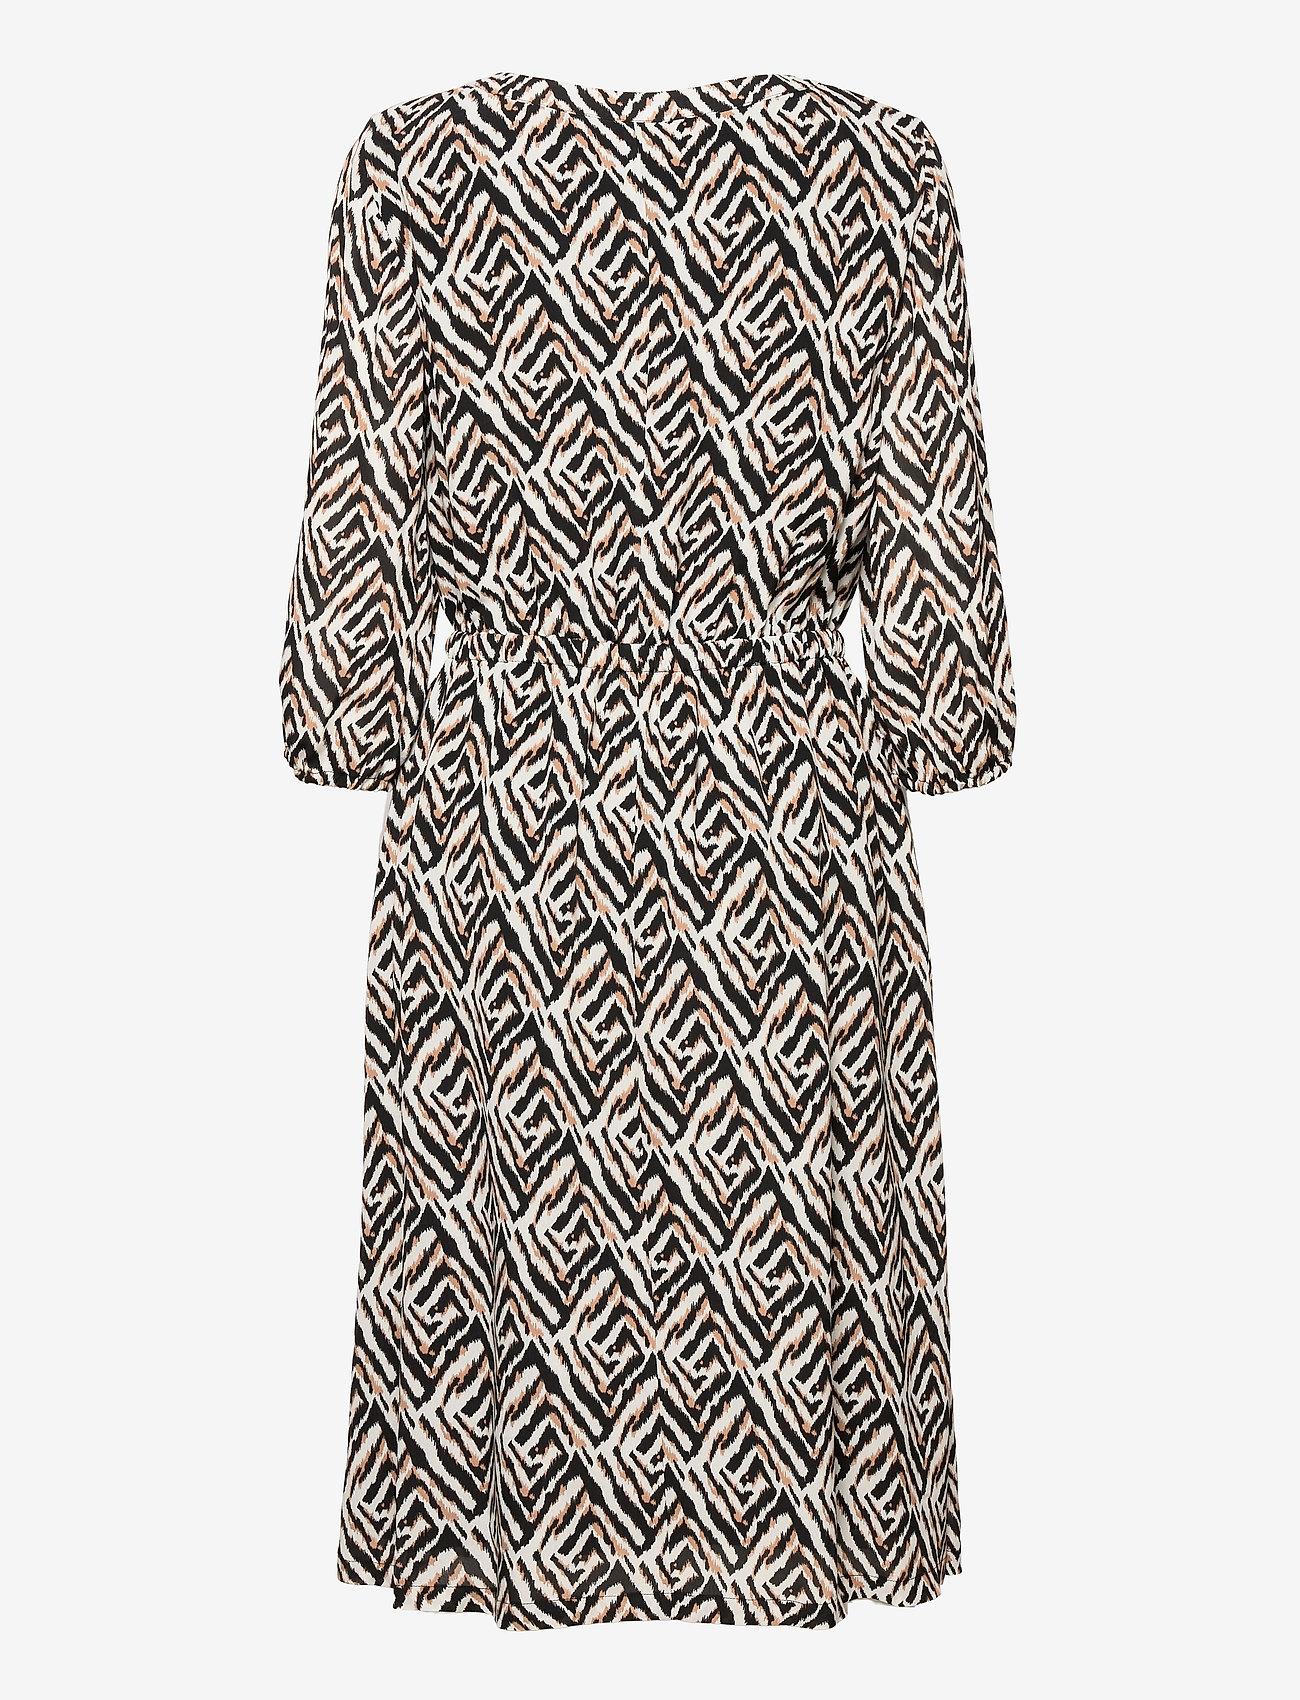 Gerry Weber - DRESS WOVEN FABRIC - robes d'été - ecru black sahara print - 1